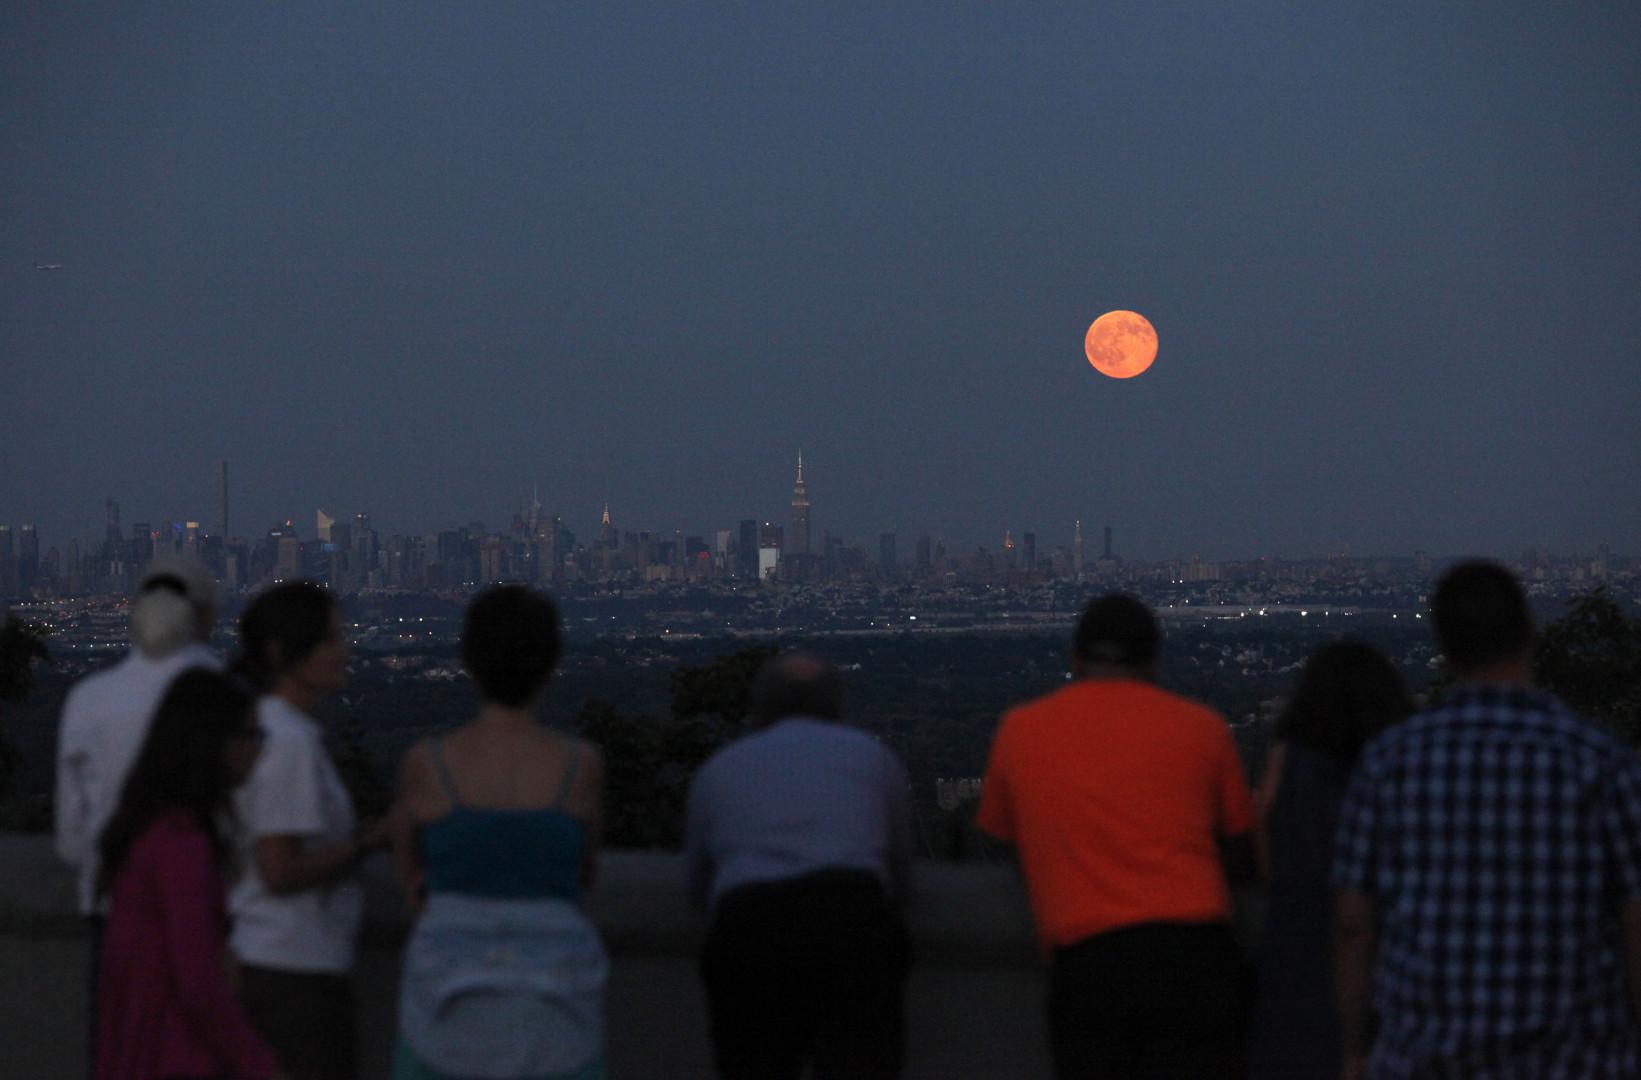 La vue de West Orange dans le New Jersey (États-Unis) offrait un spectacle unique